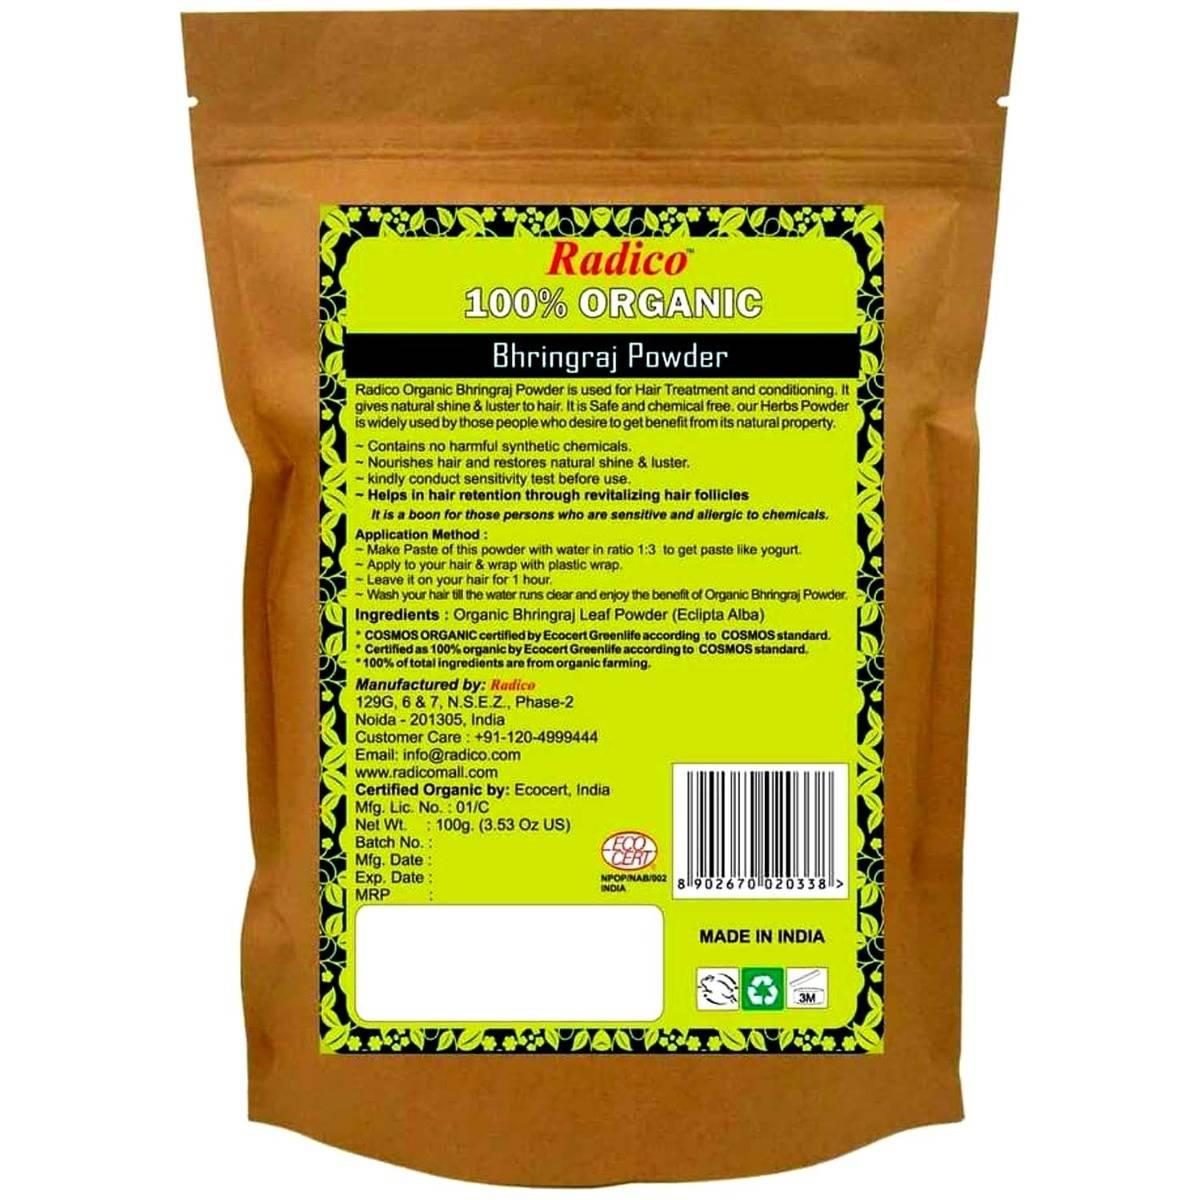 Radico Organic Bhringraj Powder, 100 gm, Pack of 1